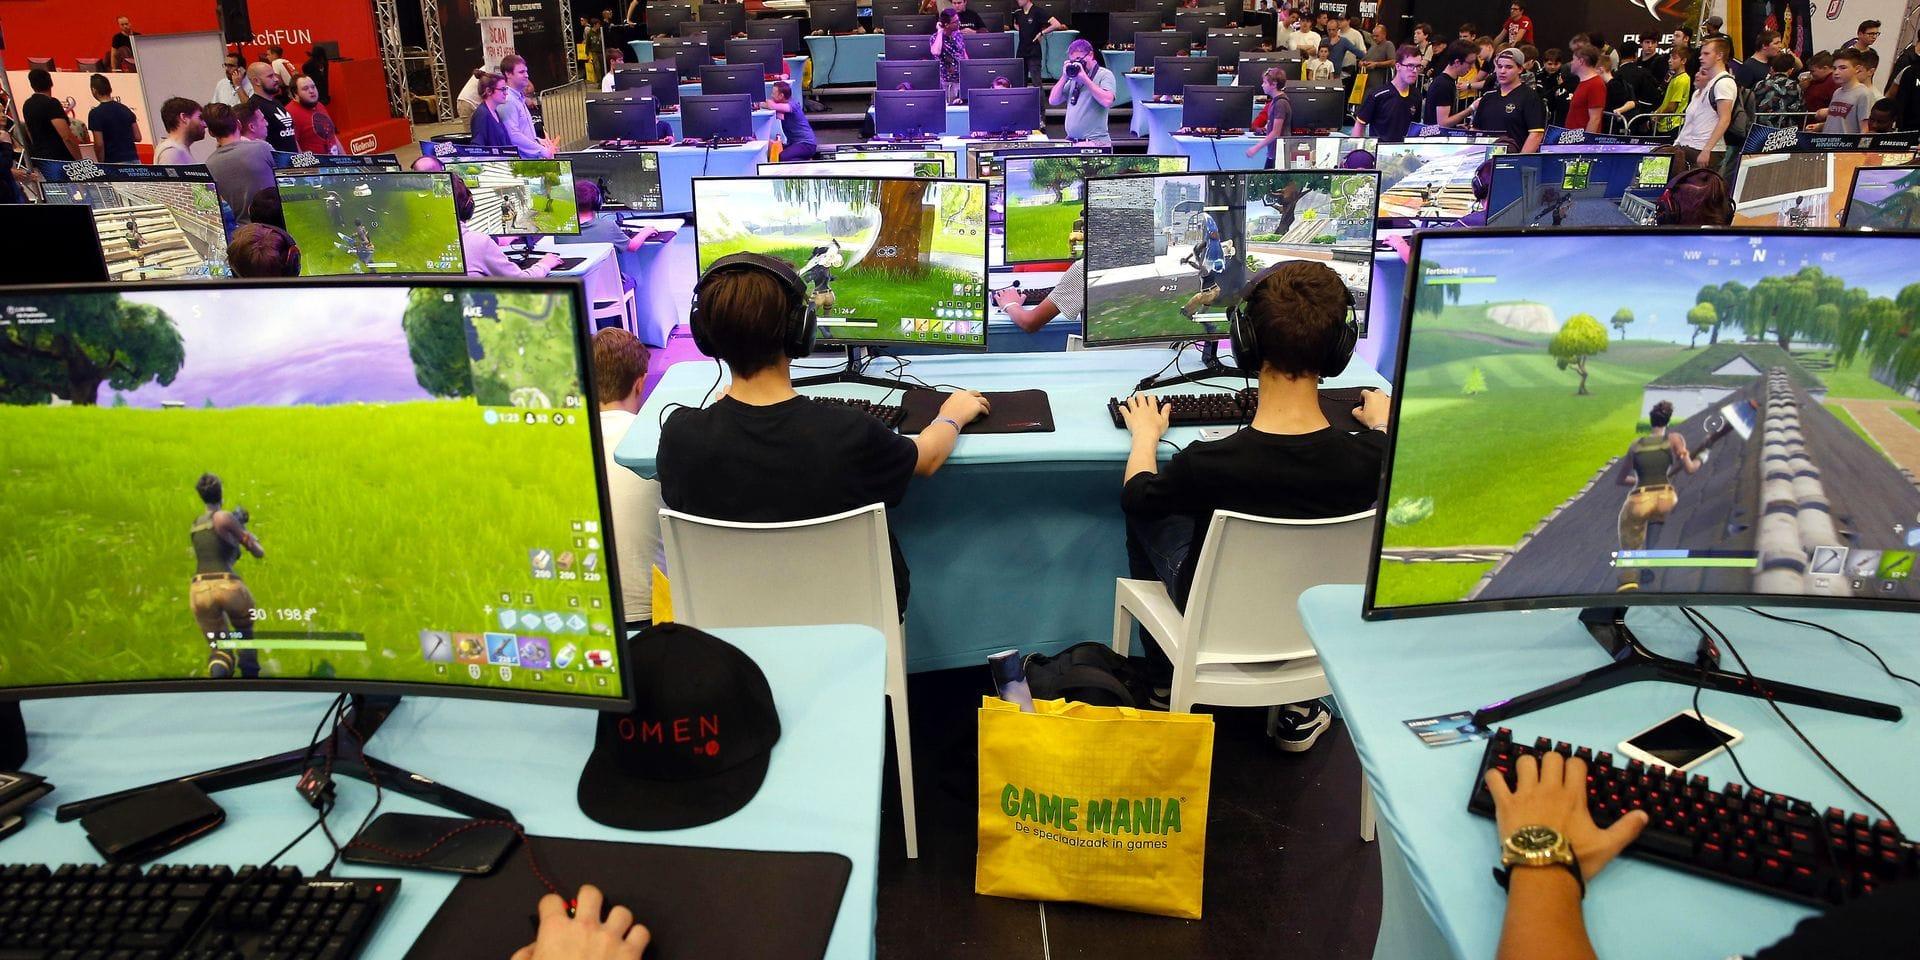 """Les jeux vidéo, nouvelles plateformes de promotion pour les artistes: """"C'est l'occasion rêvée pour proposer sa musique"""""""